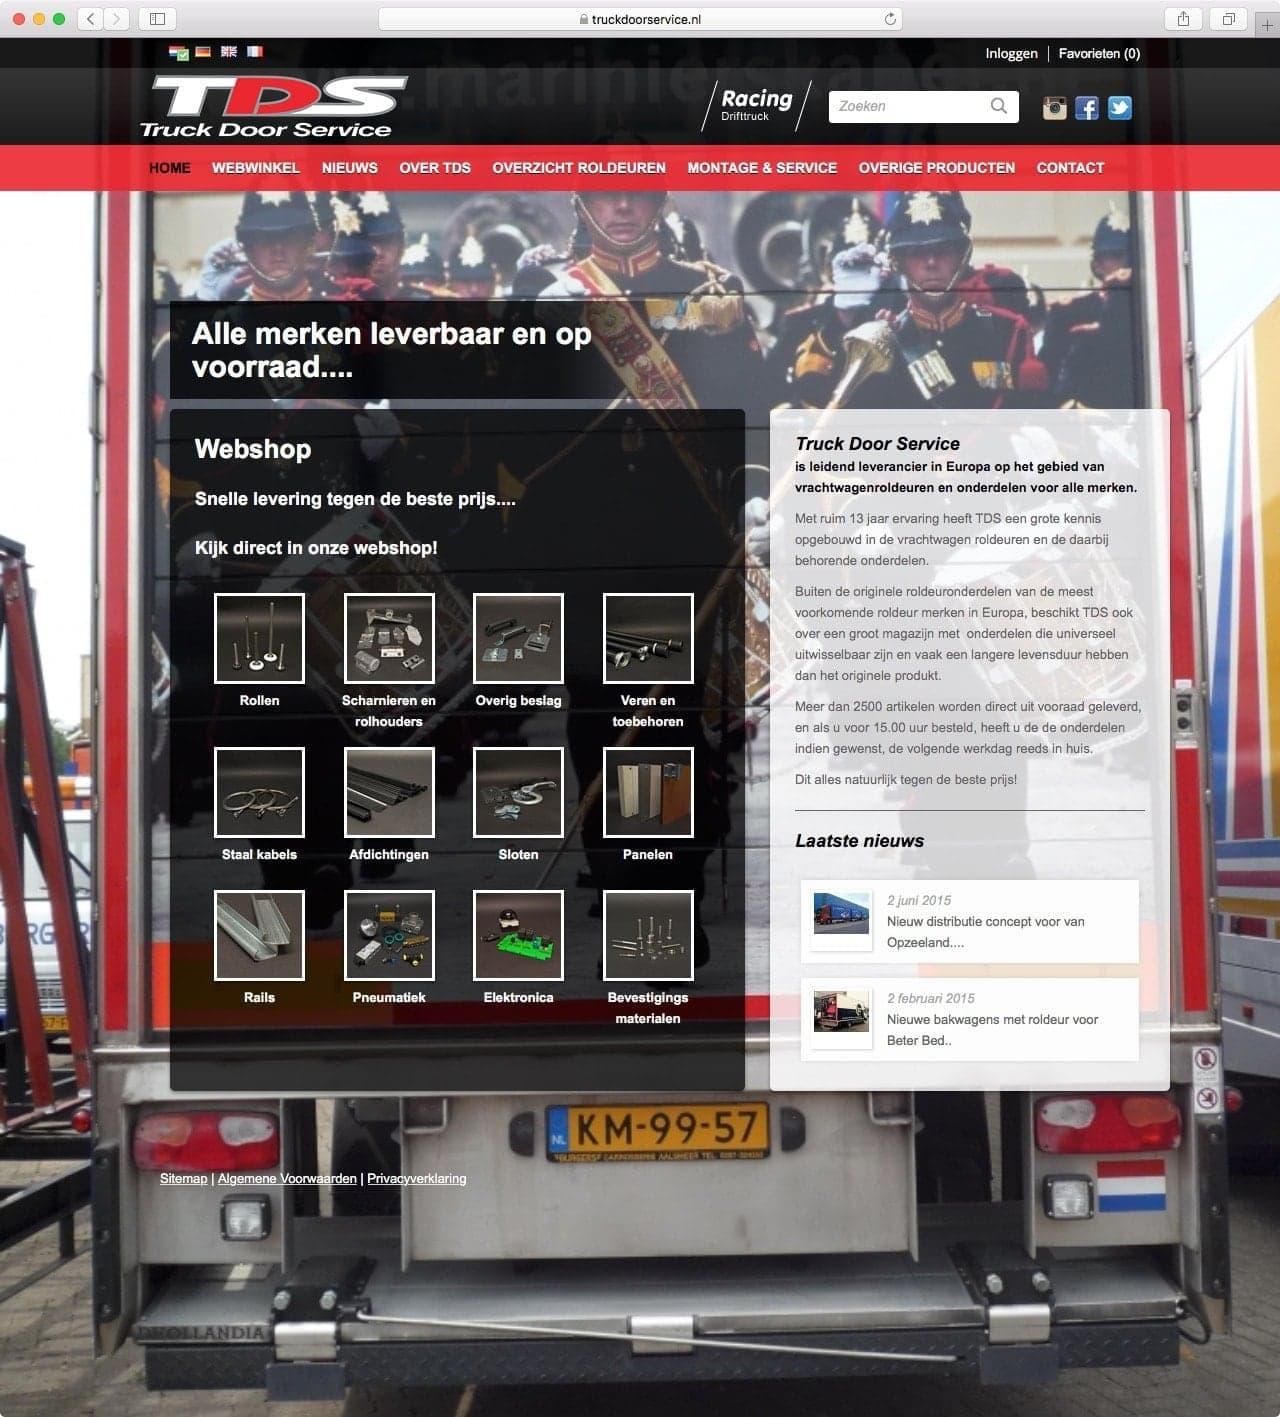 Truck Door Service